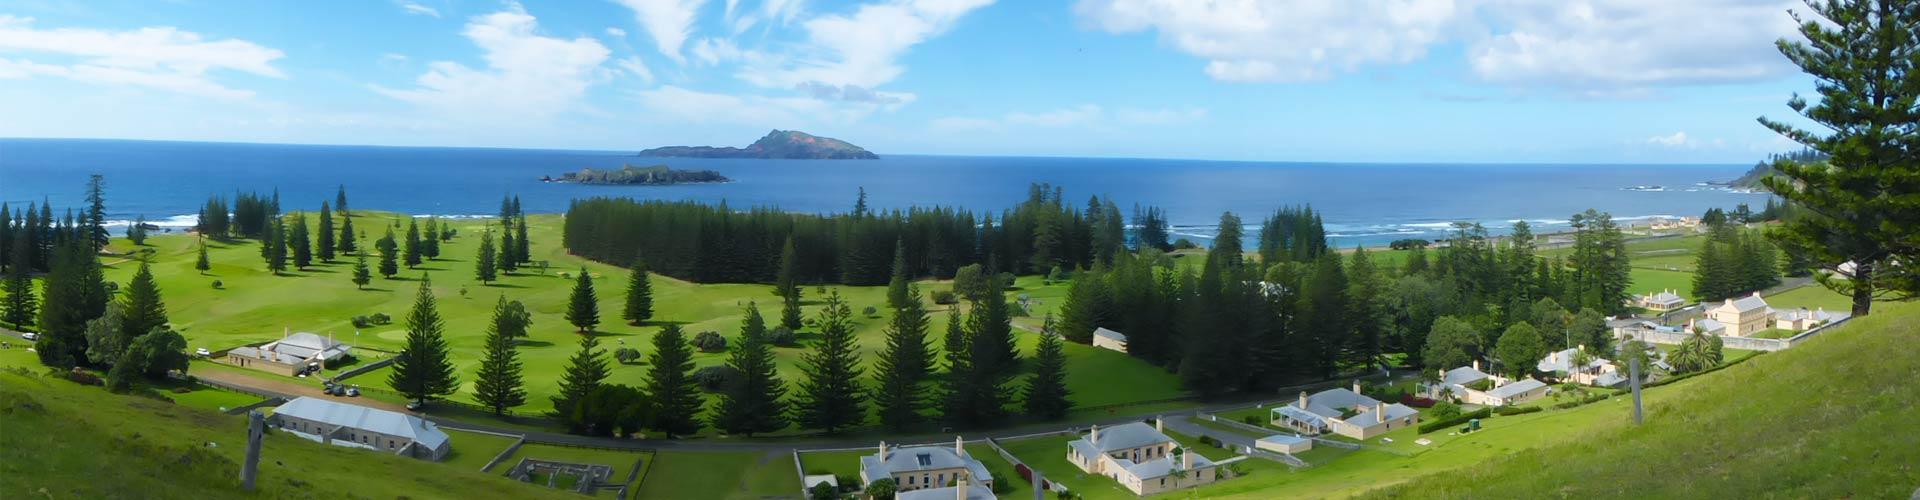 Norfolk Island Getaway - 10 May 2021